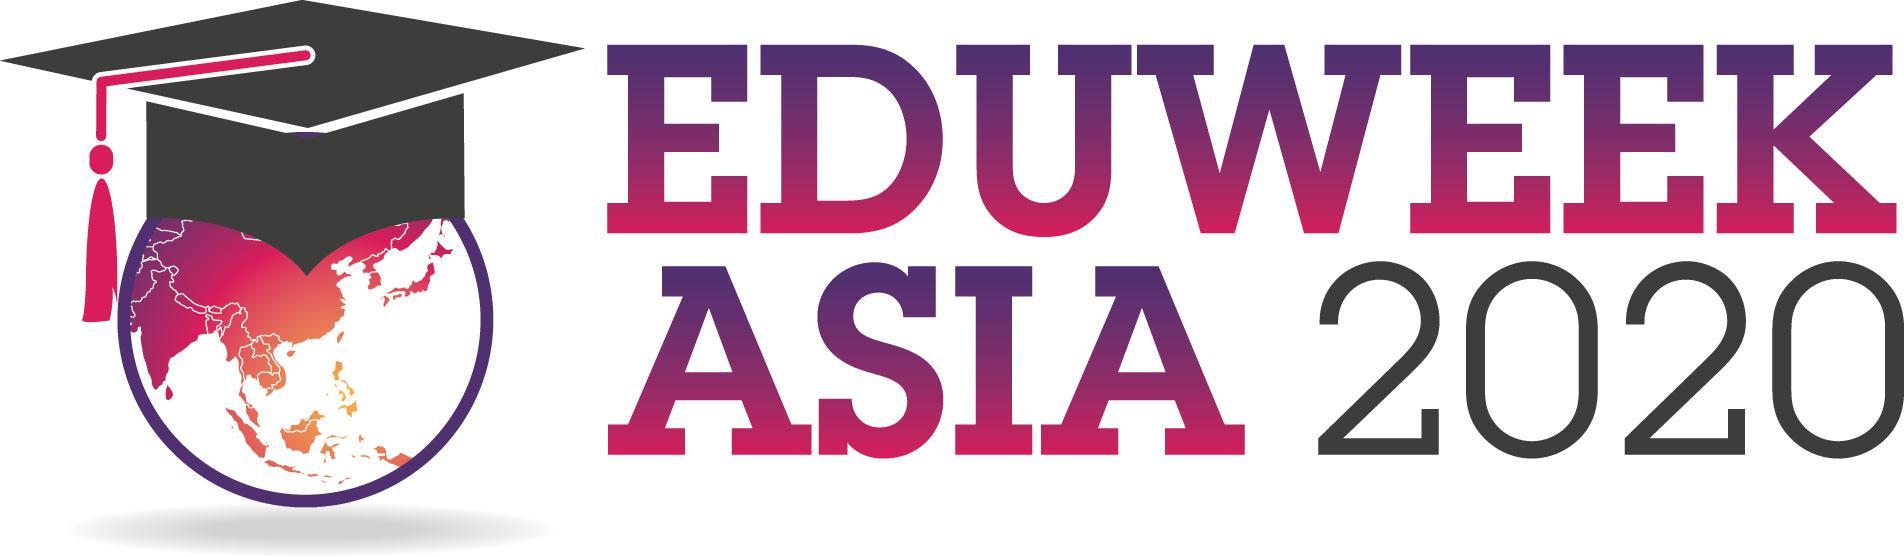 EduWeek Asia 2020